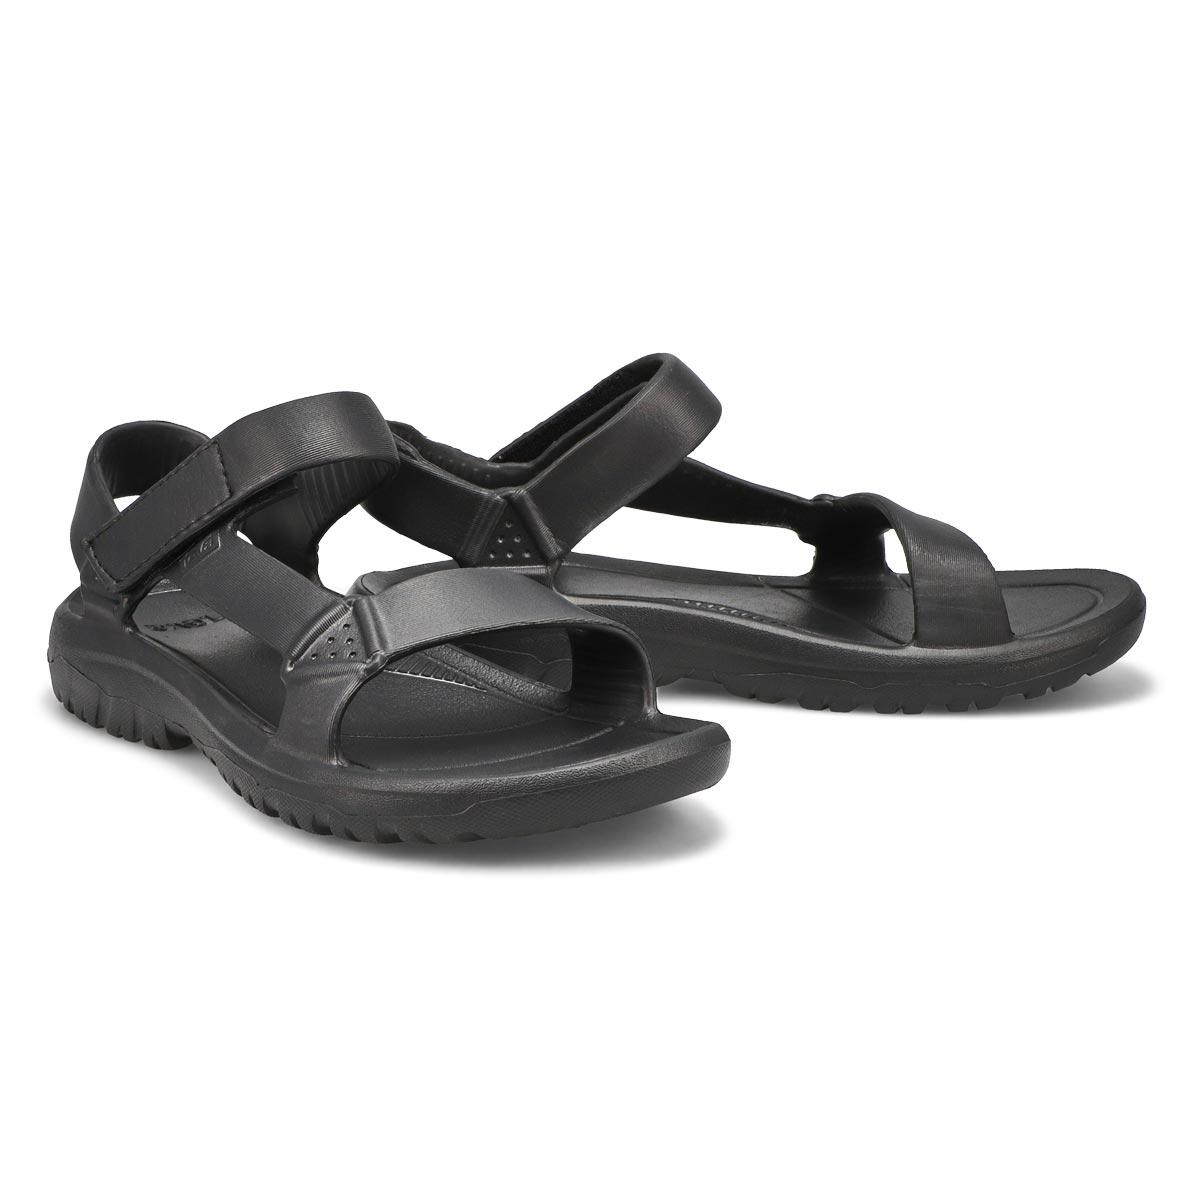 Mns Hurricane Drift blk sport sandal